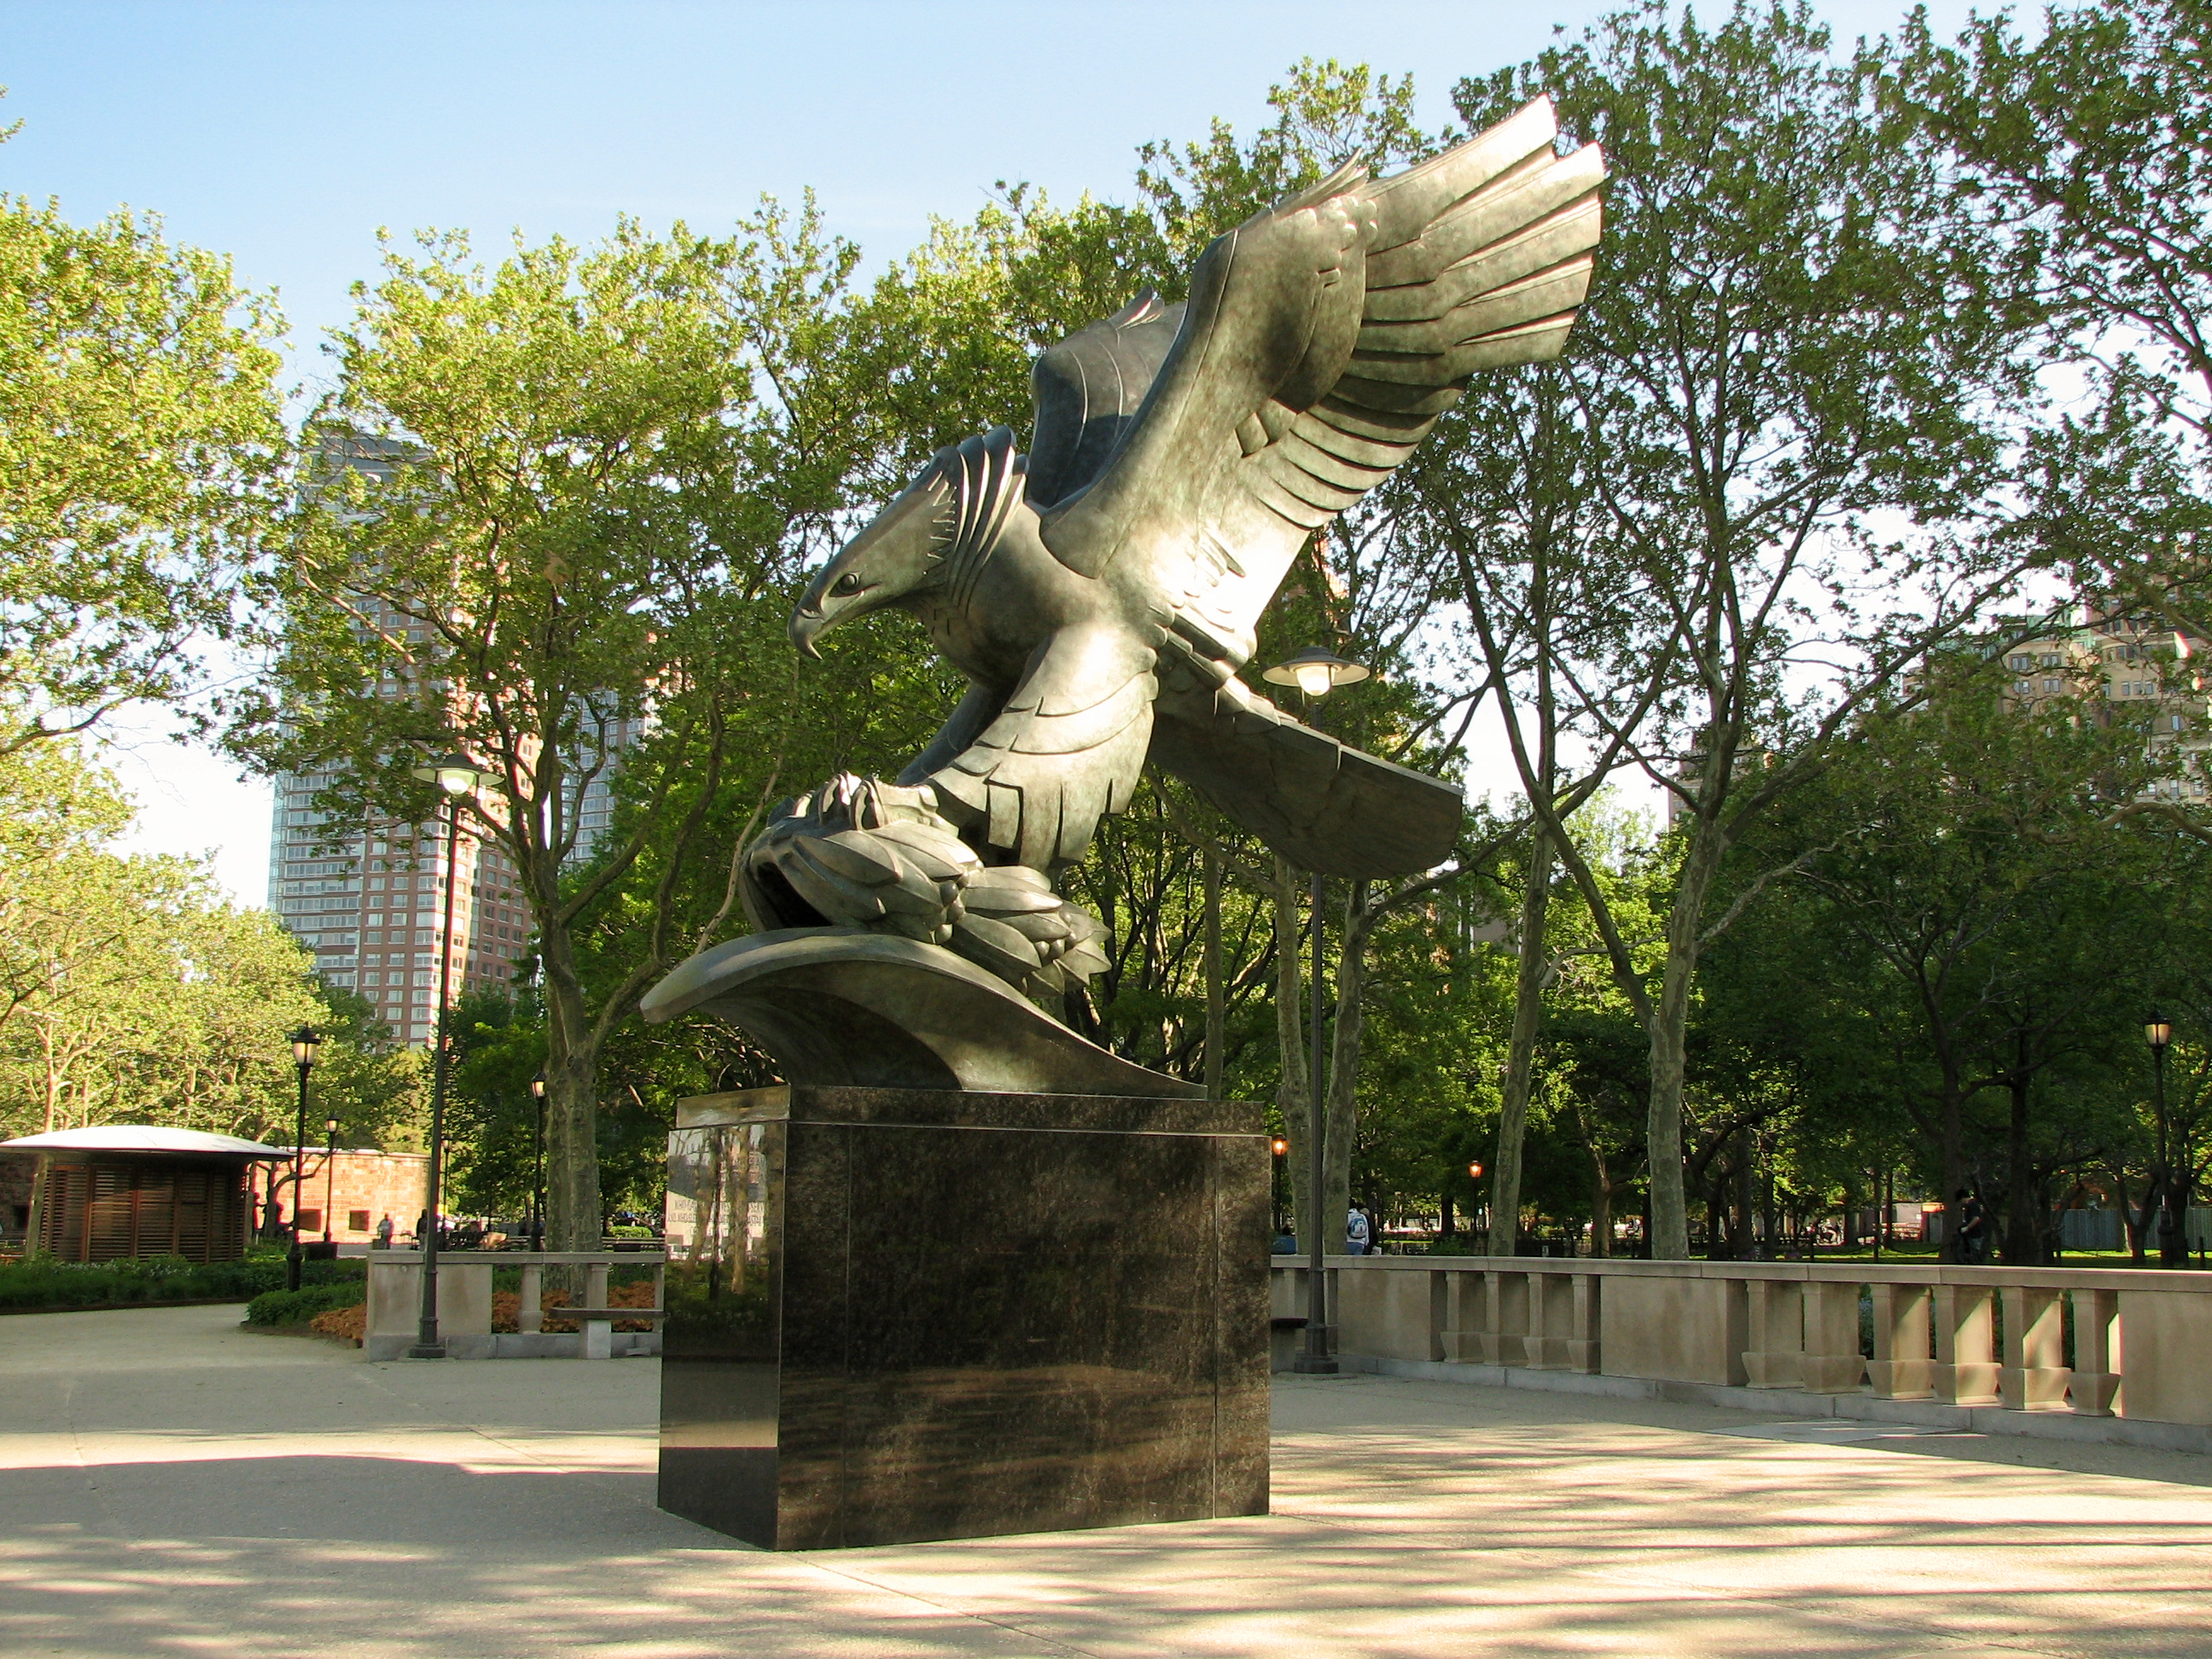 Battery Park War Memorial